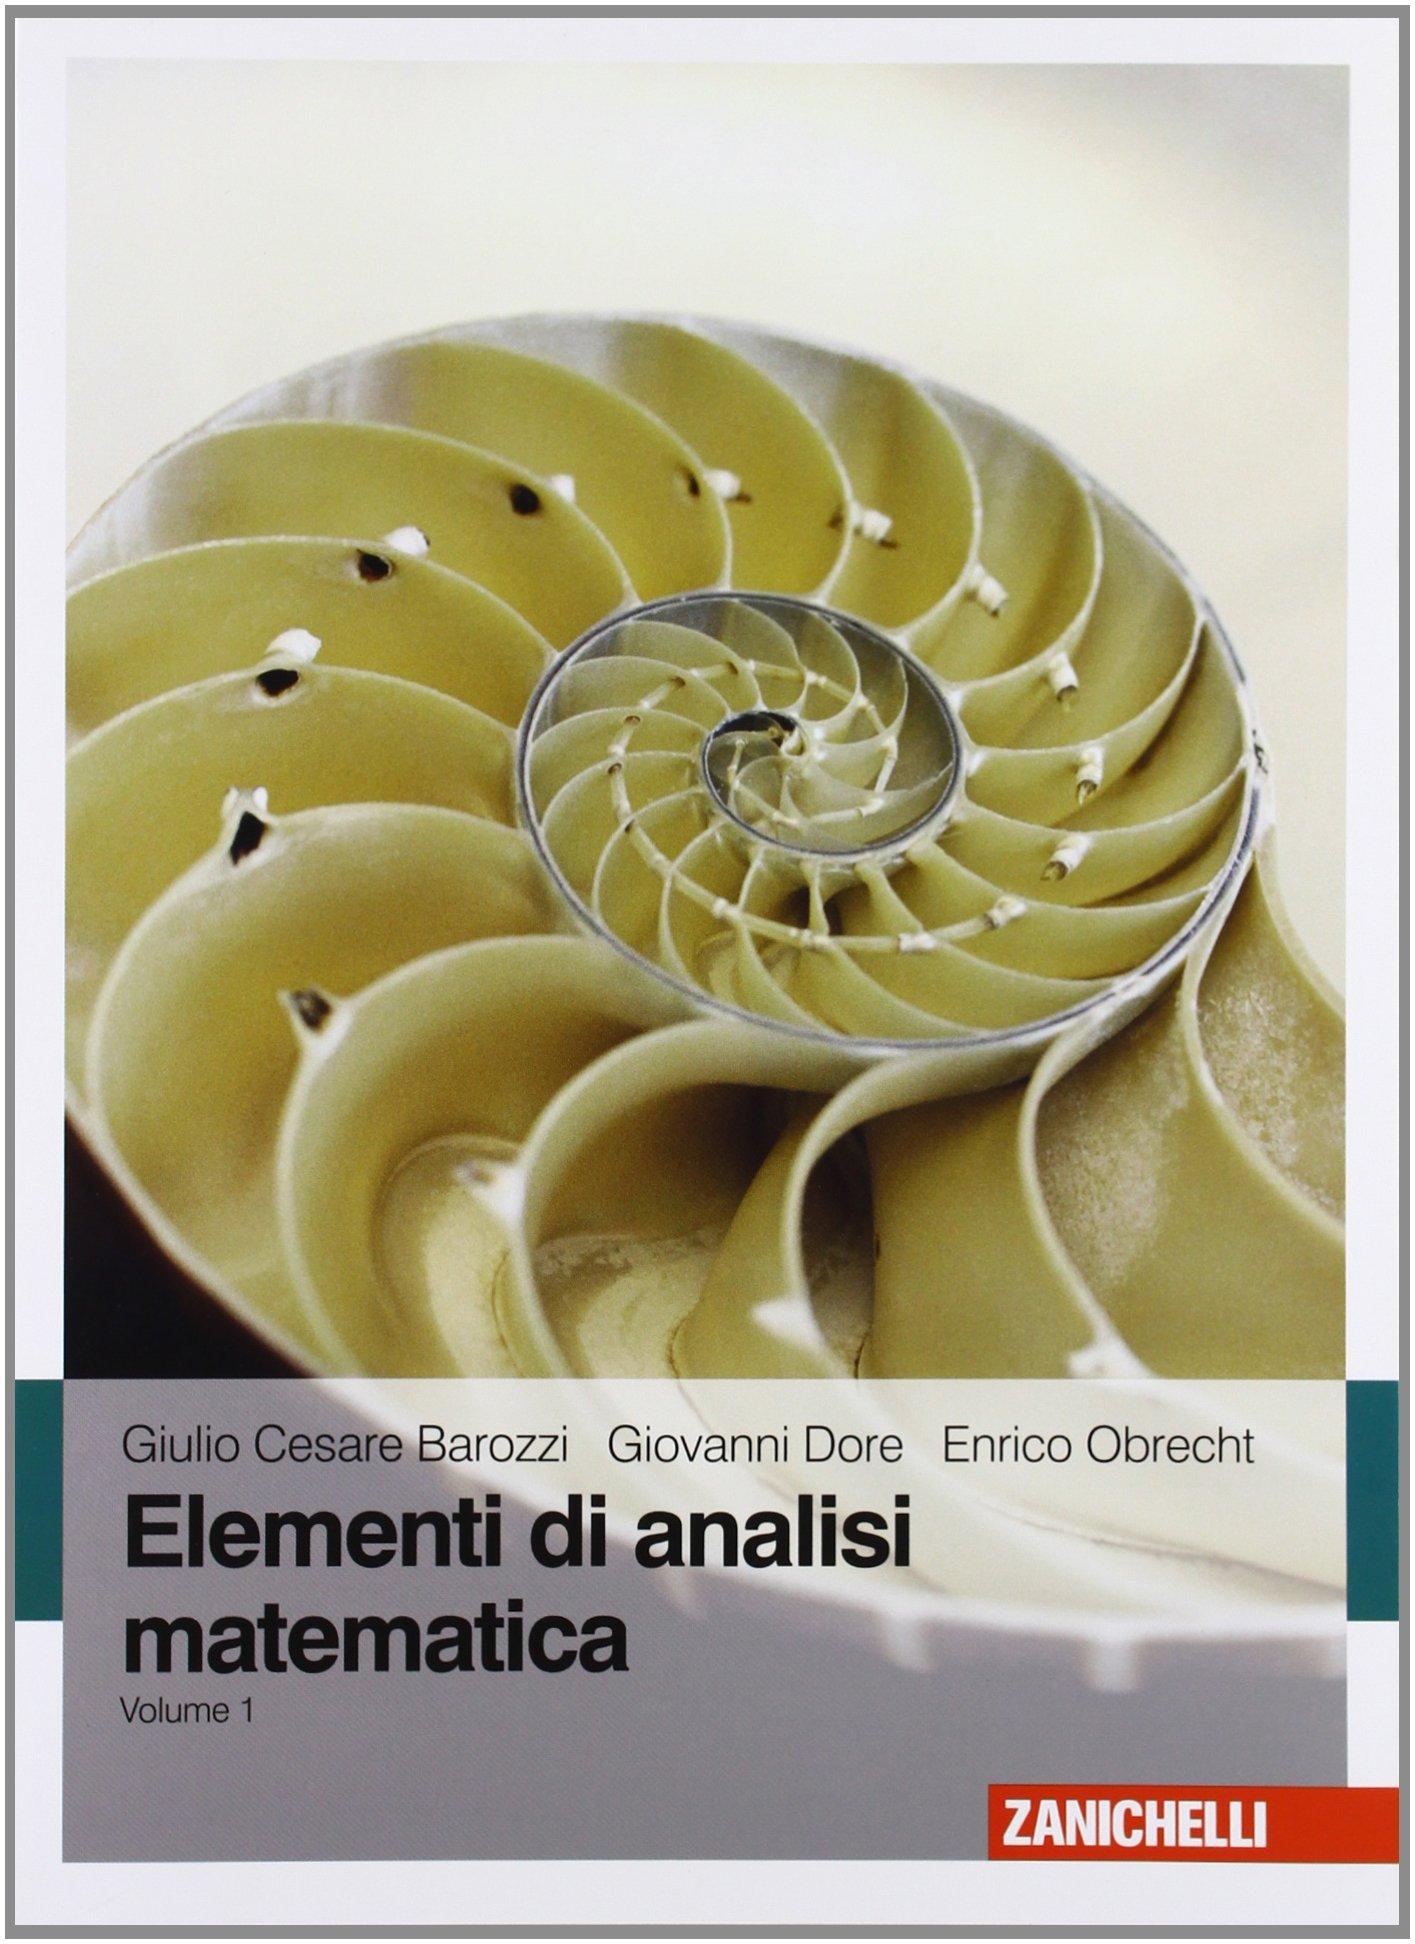 Elementi di analisi matematica - Vol. 1